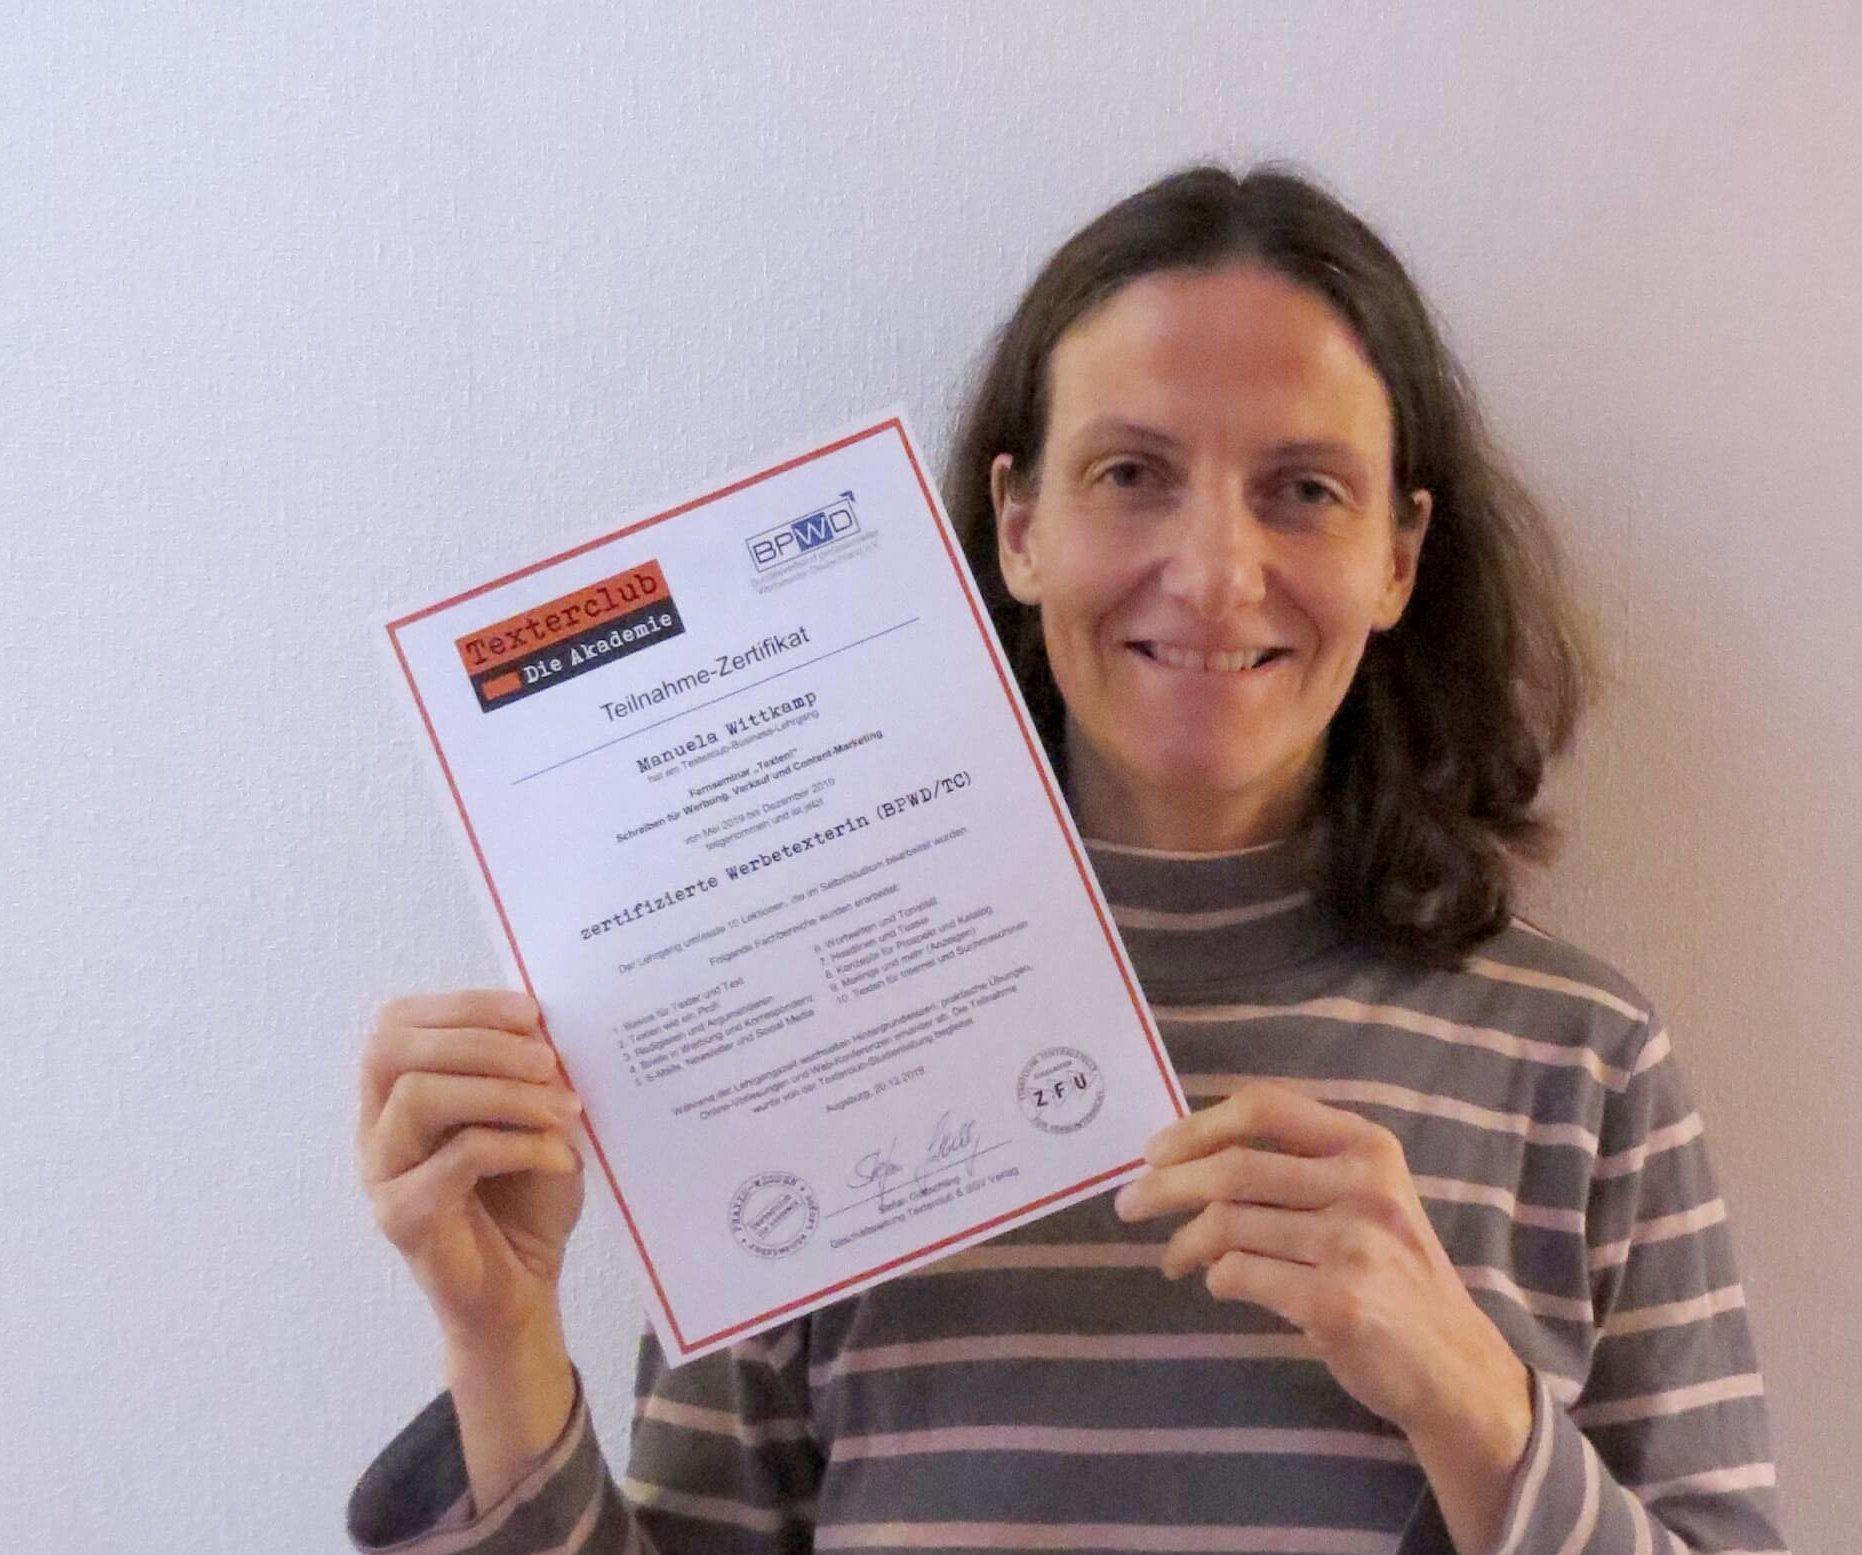 Manuela Wittkamp mit der Urkunde zur zertifizierten Werbetexterin BPWD/TC)